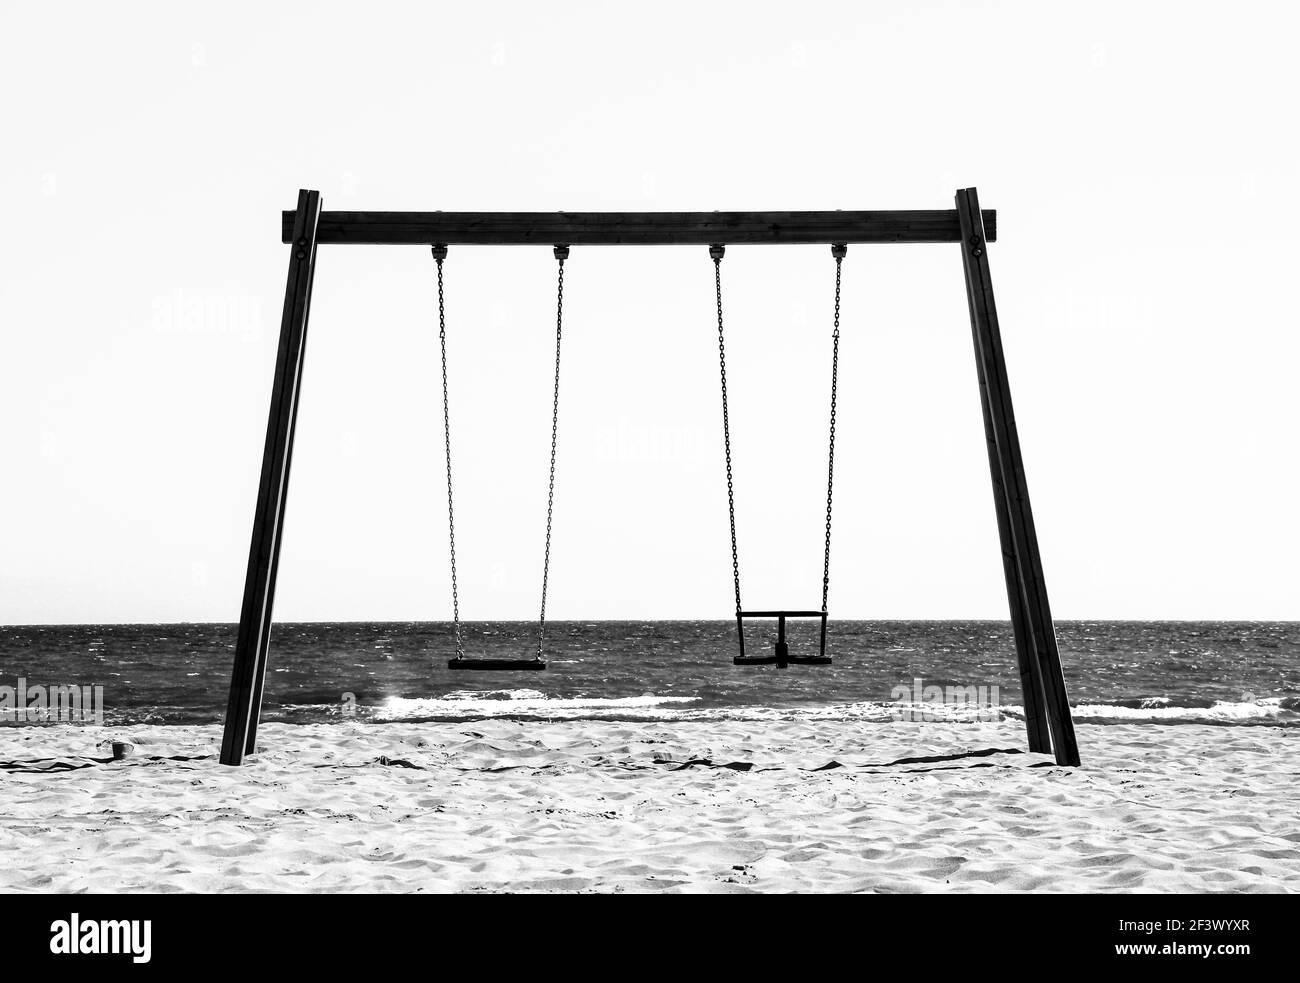 Altalena vuota di legno di fronte al mare al mattino ad Alicante, Spagna. Immagine monocromatica. Foto Stock